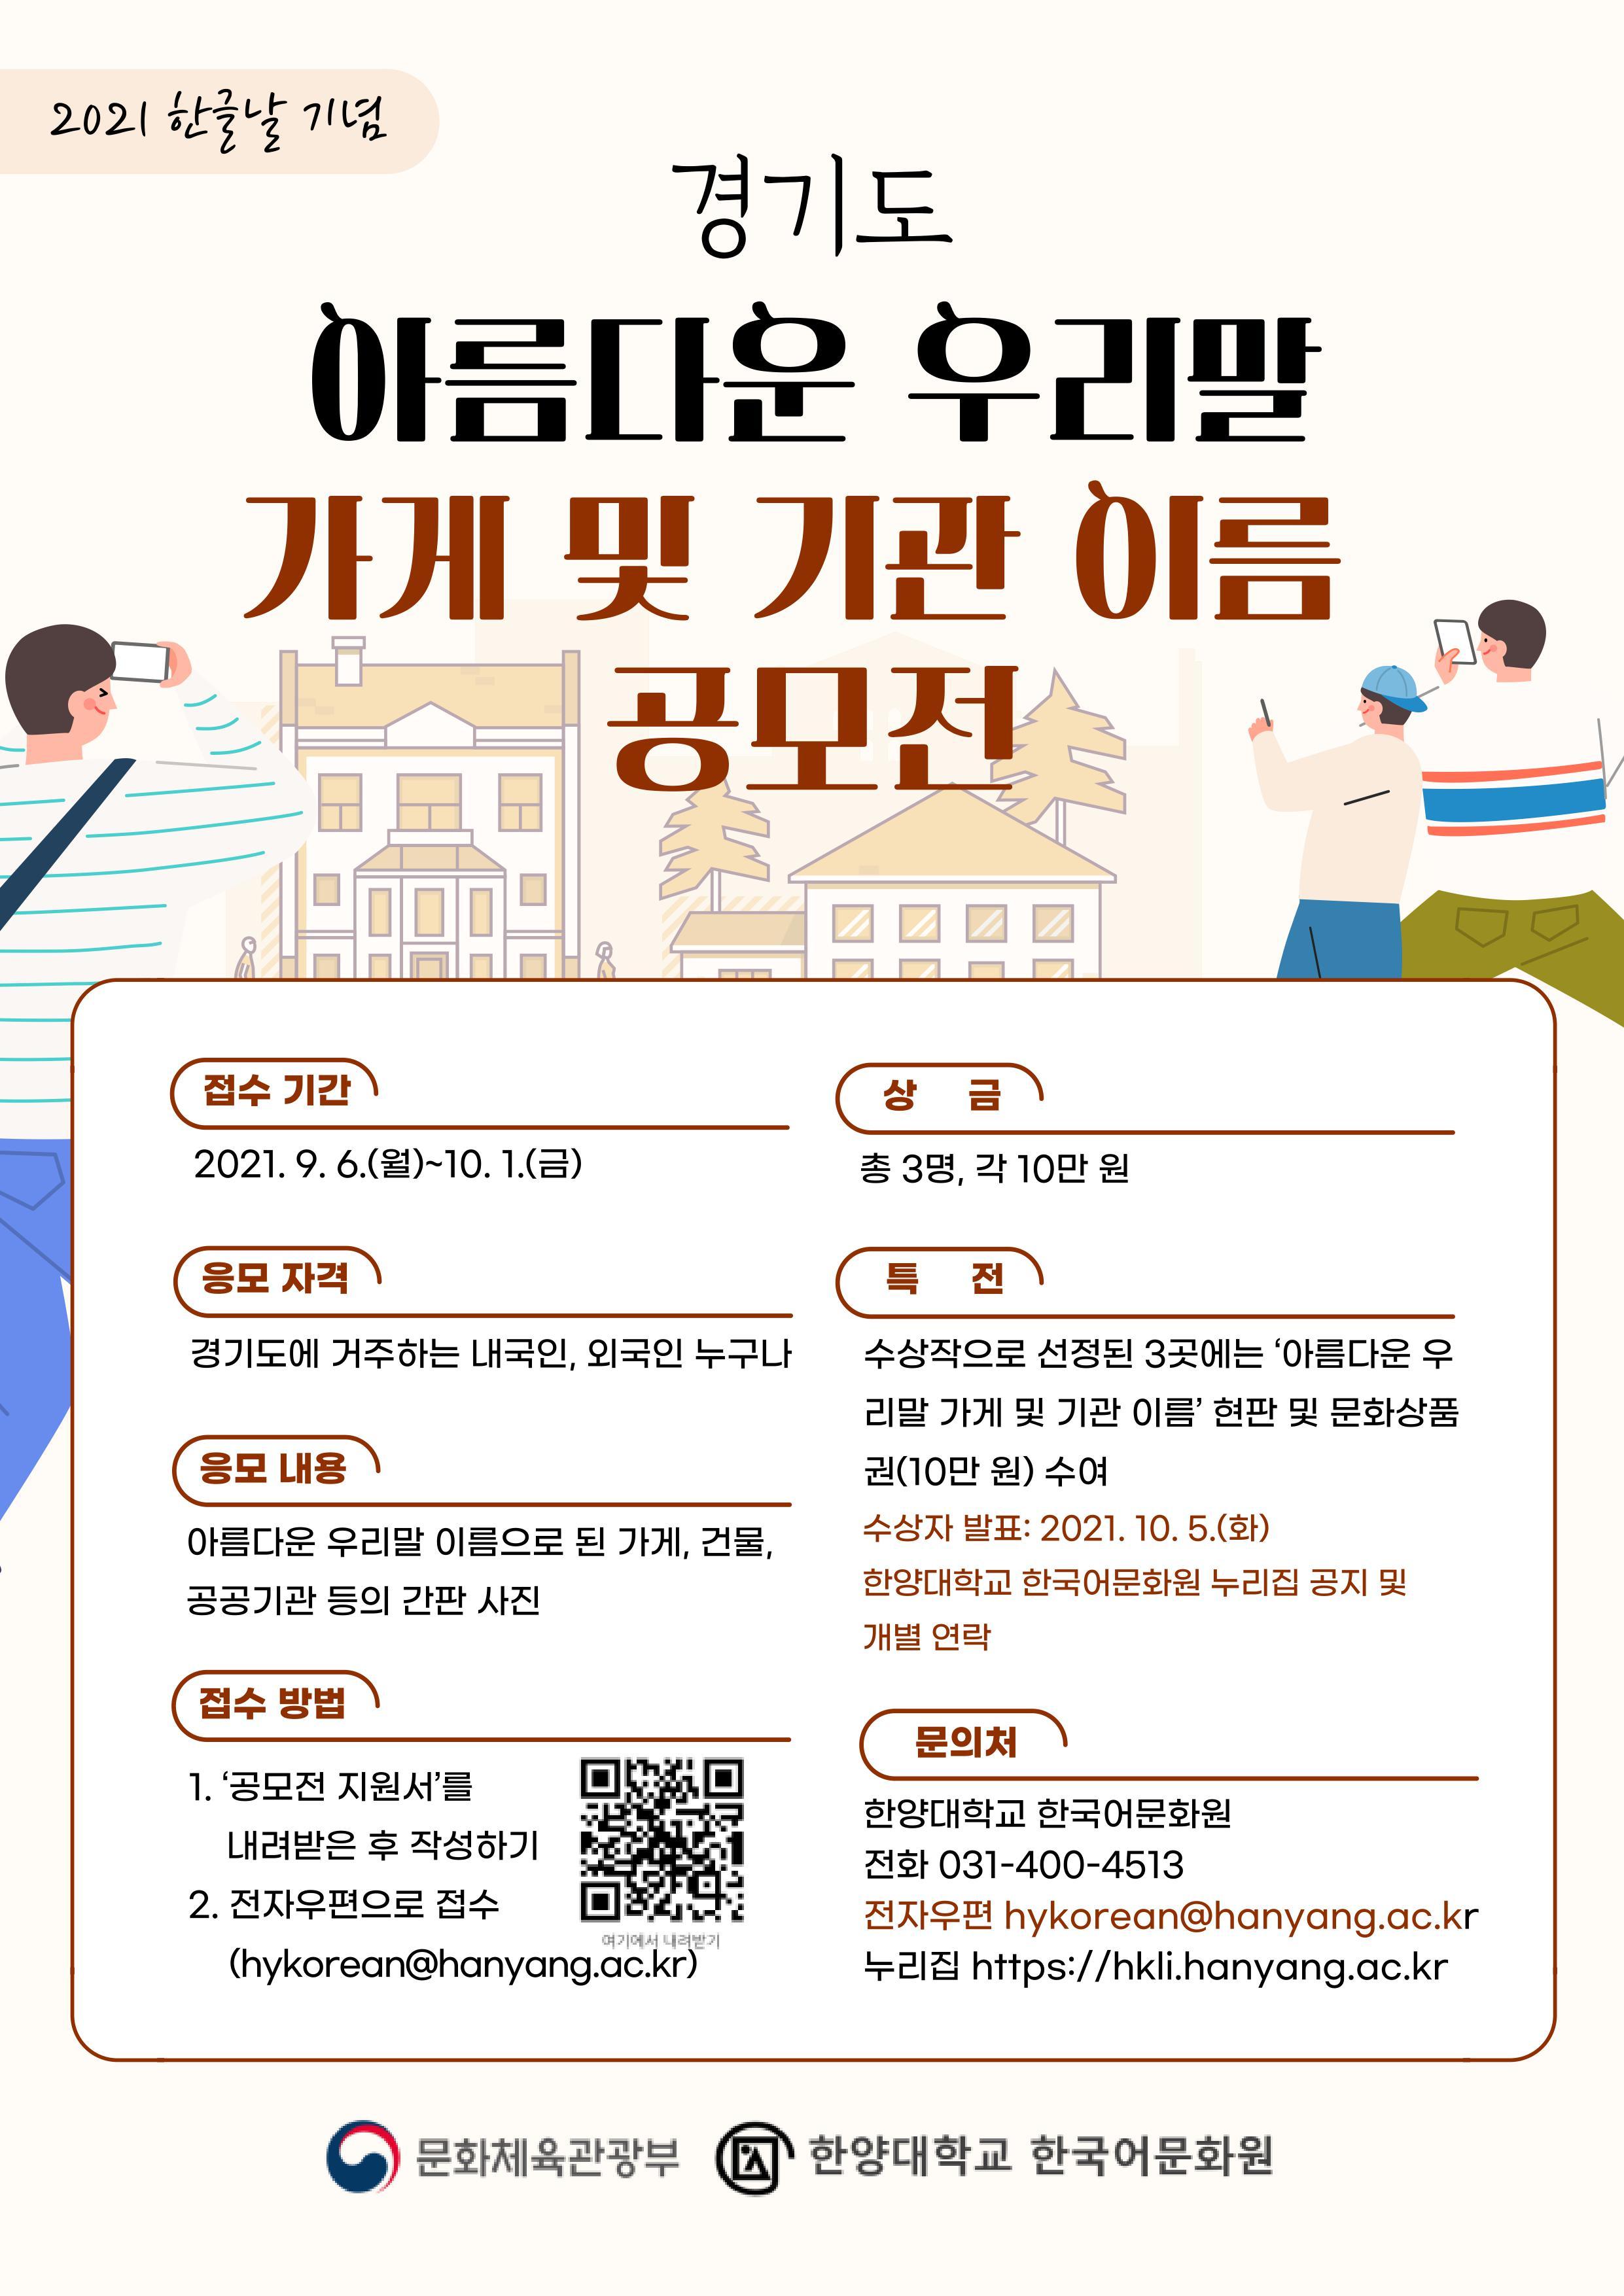 [21.09.14]한양대 한국어문화원, 한글날 기념 '경기도 아름다운 우리말 가게 및 기관 이름' 공모전